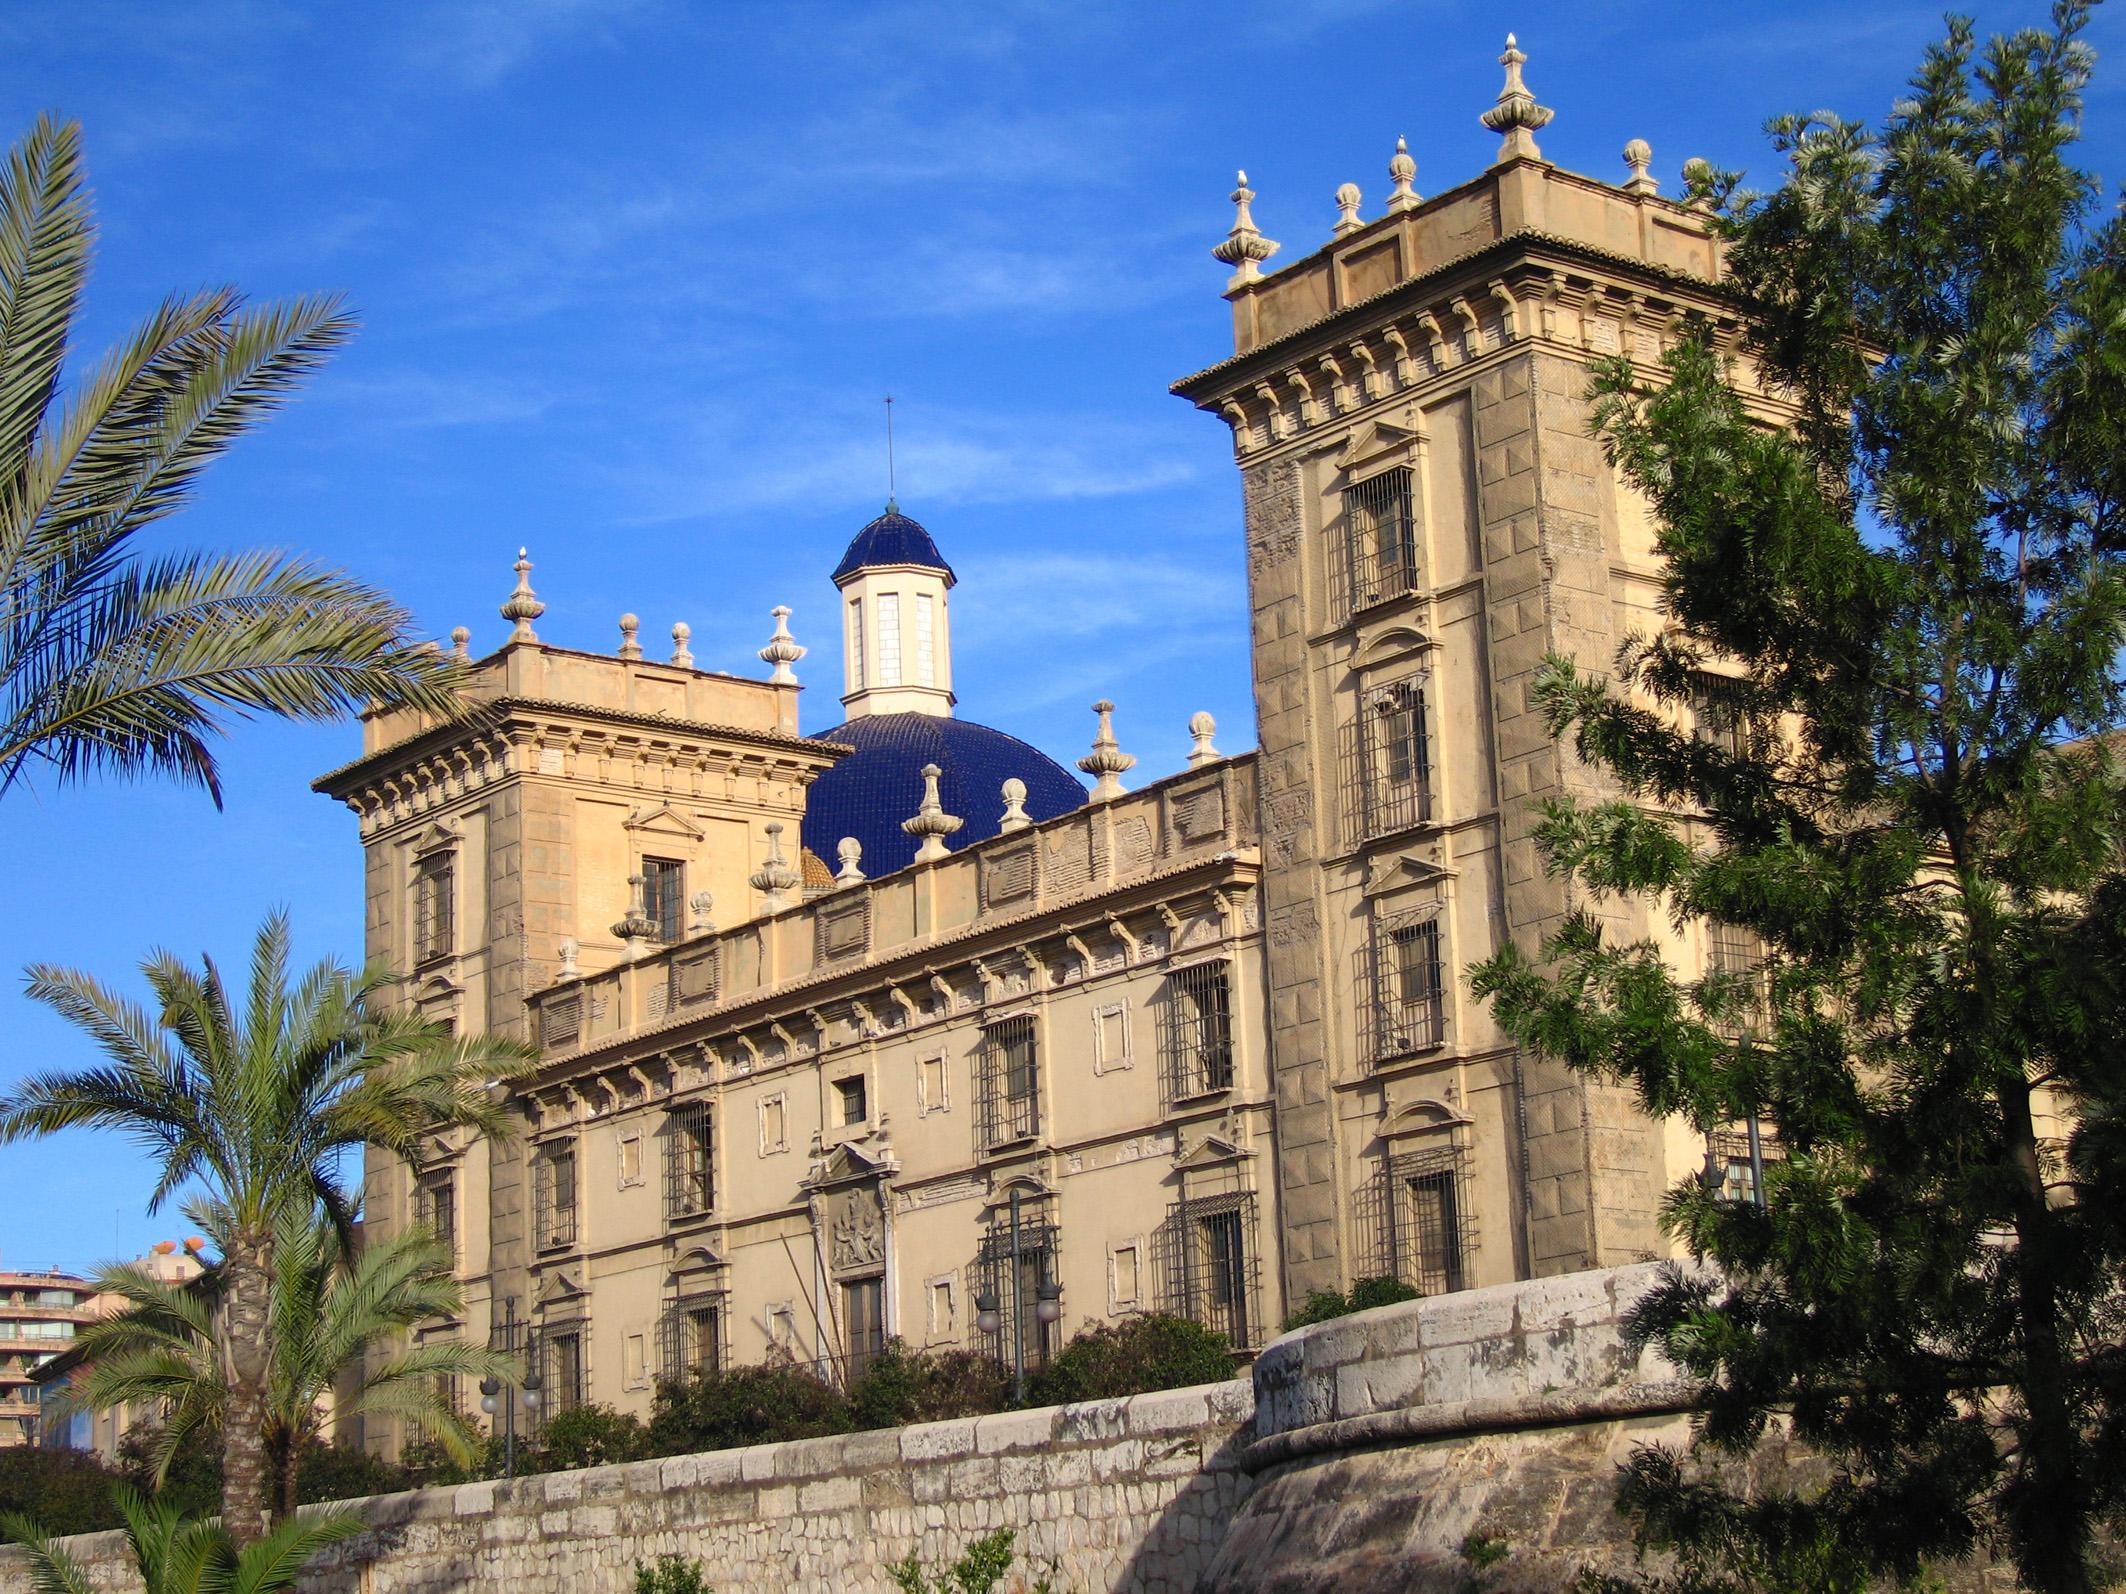 Museo_de_Bellas_Artes_de_Valencia